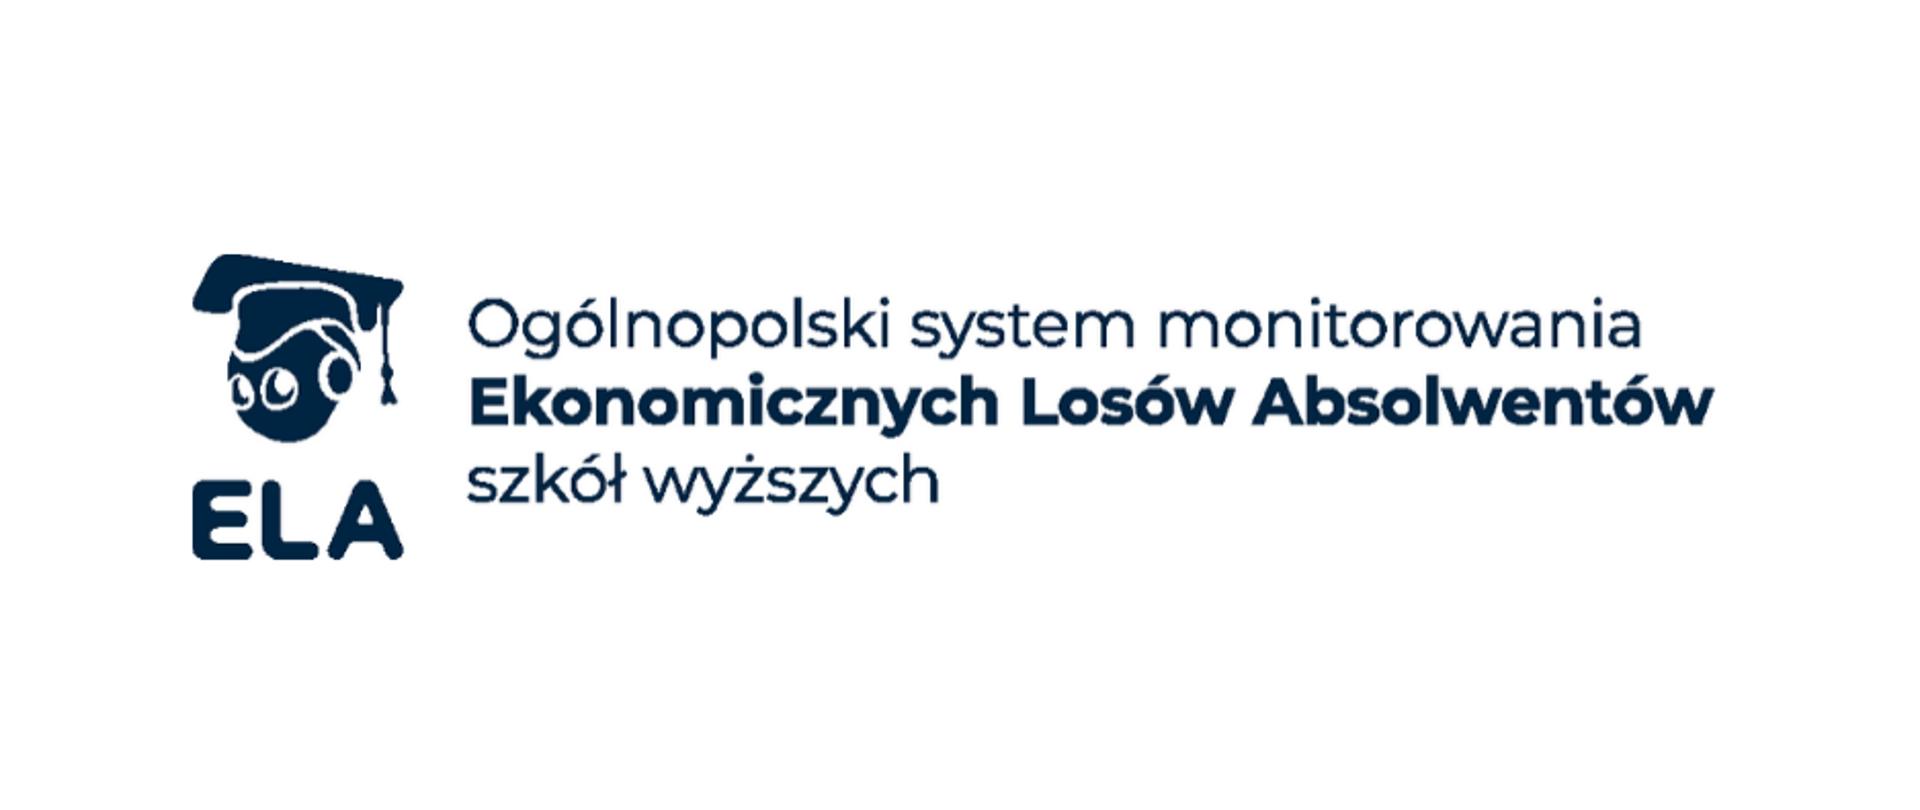 Logo ELA - napis ogólnopolski system monitorowania Ekonomicznych Losów Absolwentów szkół wyższych